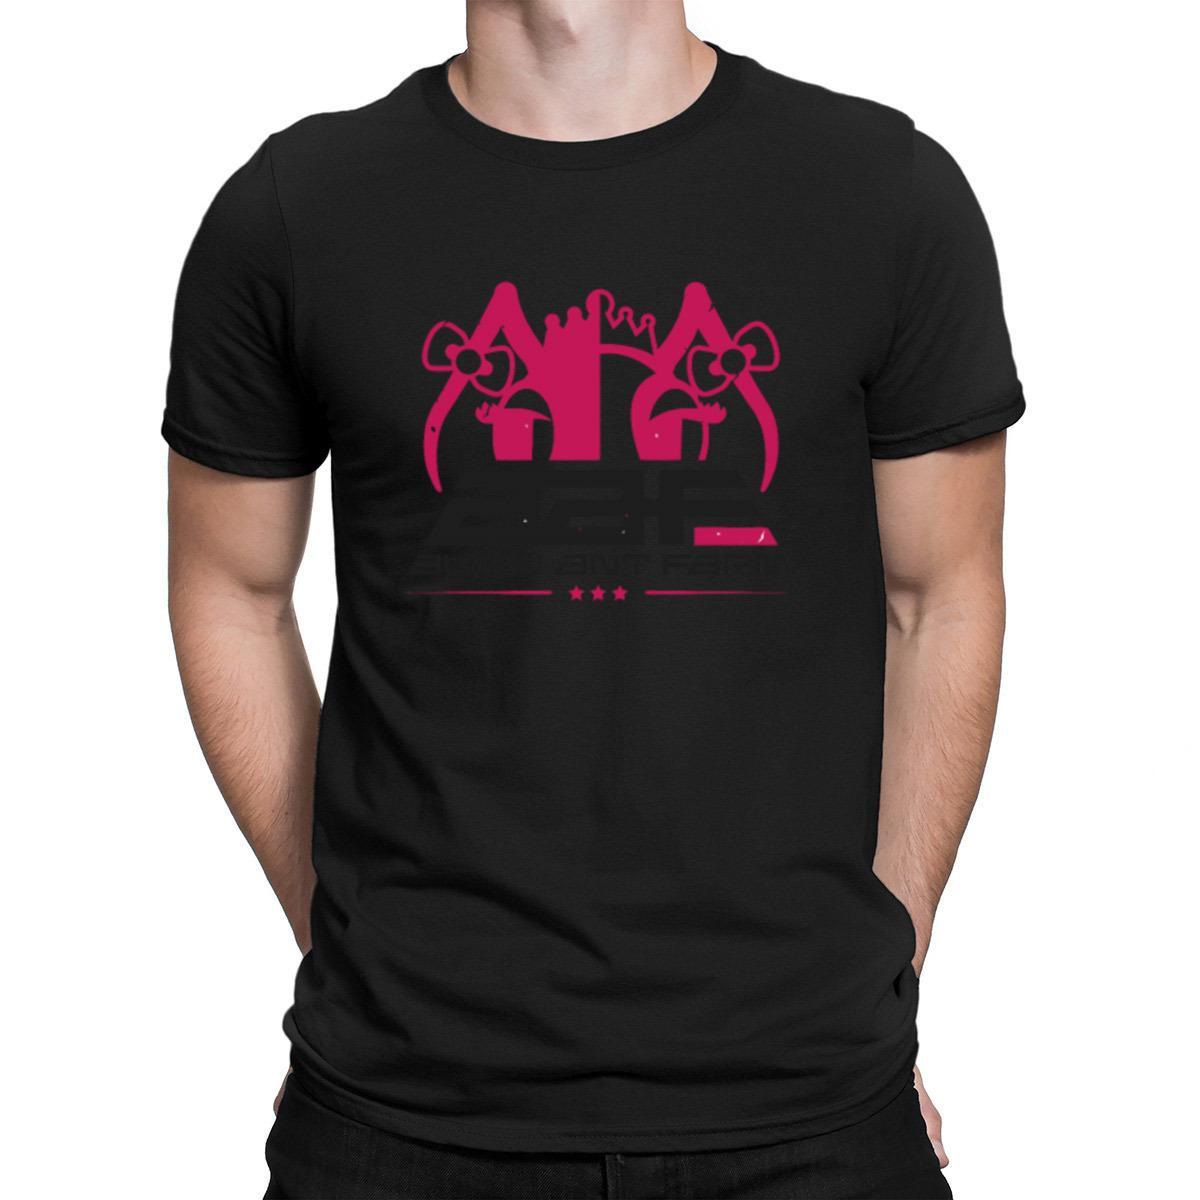 Camiseta del lema del regalo de tendencia del estilo sport del verano Alien Ant Farm camiseta de punto del cuello de O ropa de la aptitud de los hombres